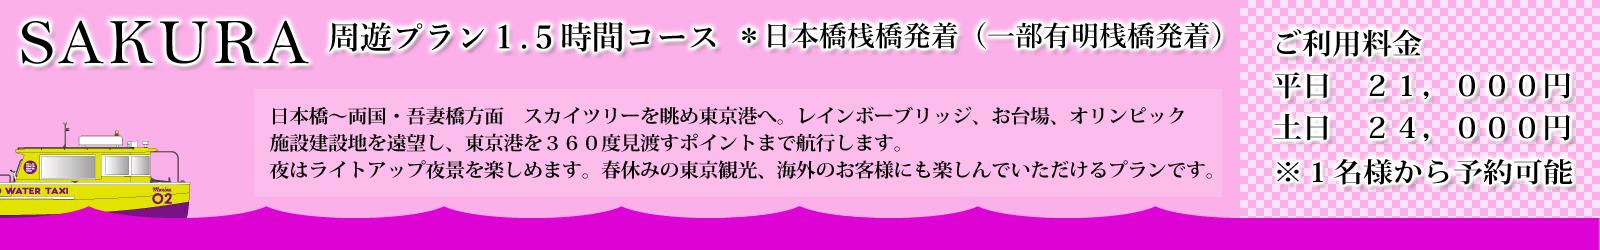 「SAKURA周遊プラン」 1.5時間コース